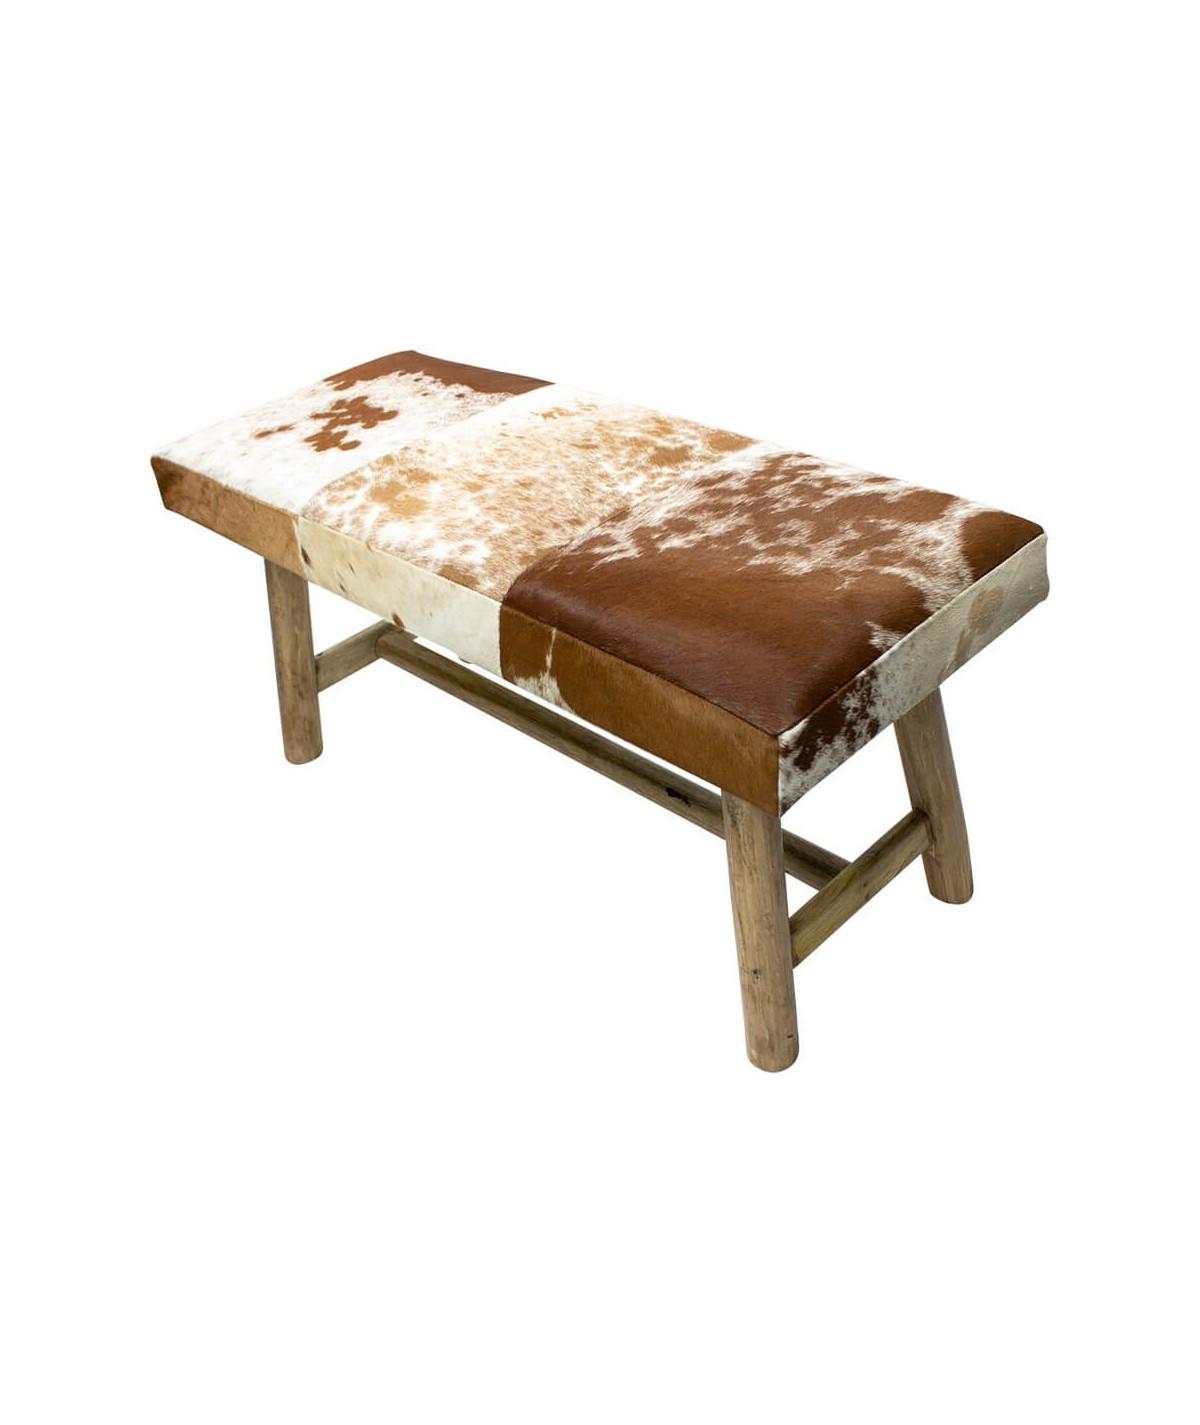 Banquette de salon en cuir rouge brun et bois naturel 95xH45cm | Yesdeko